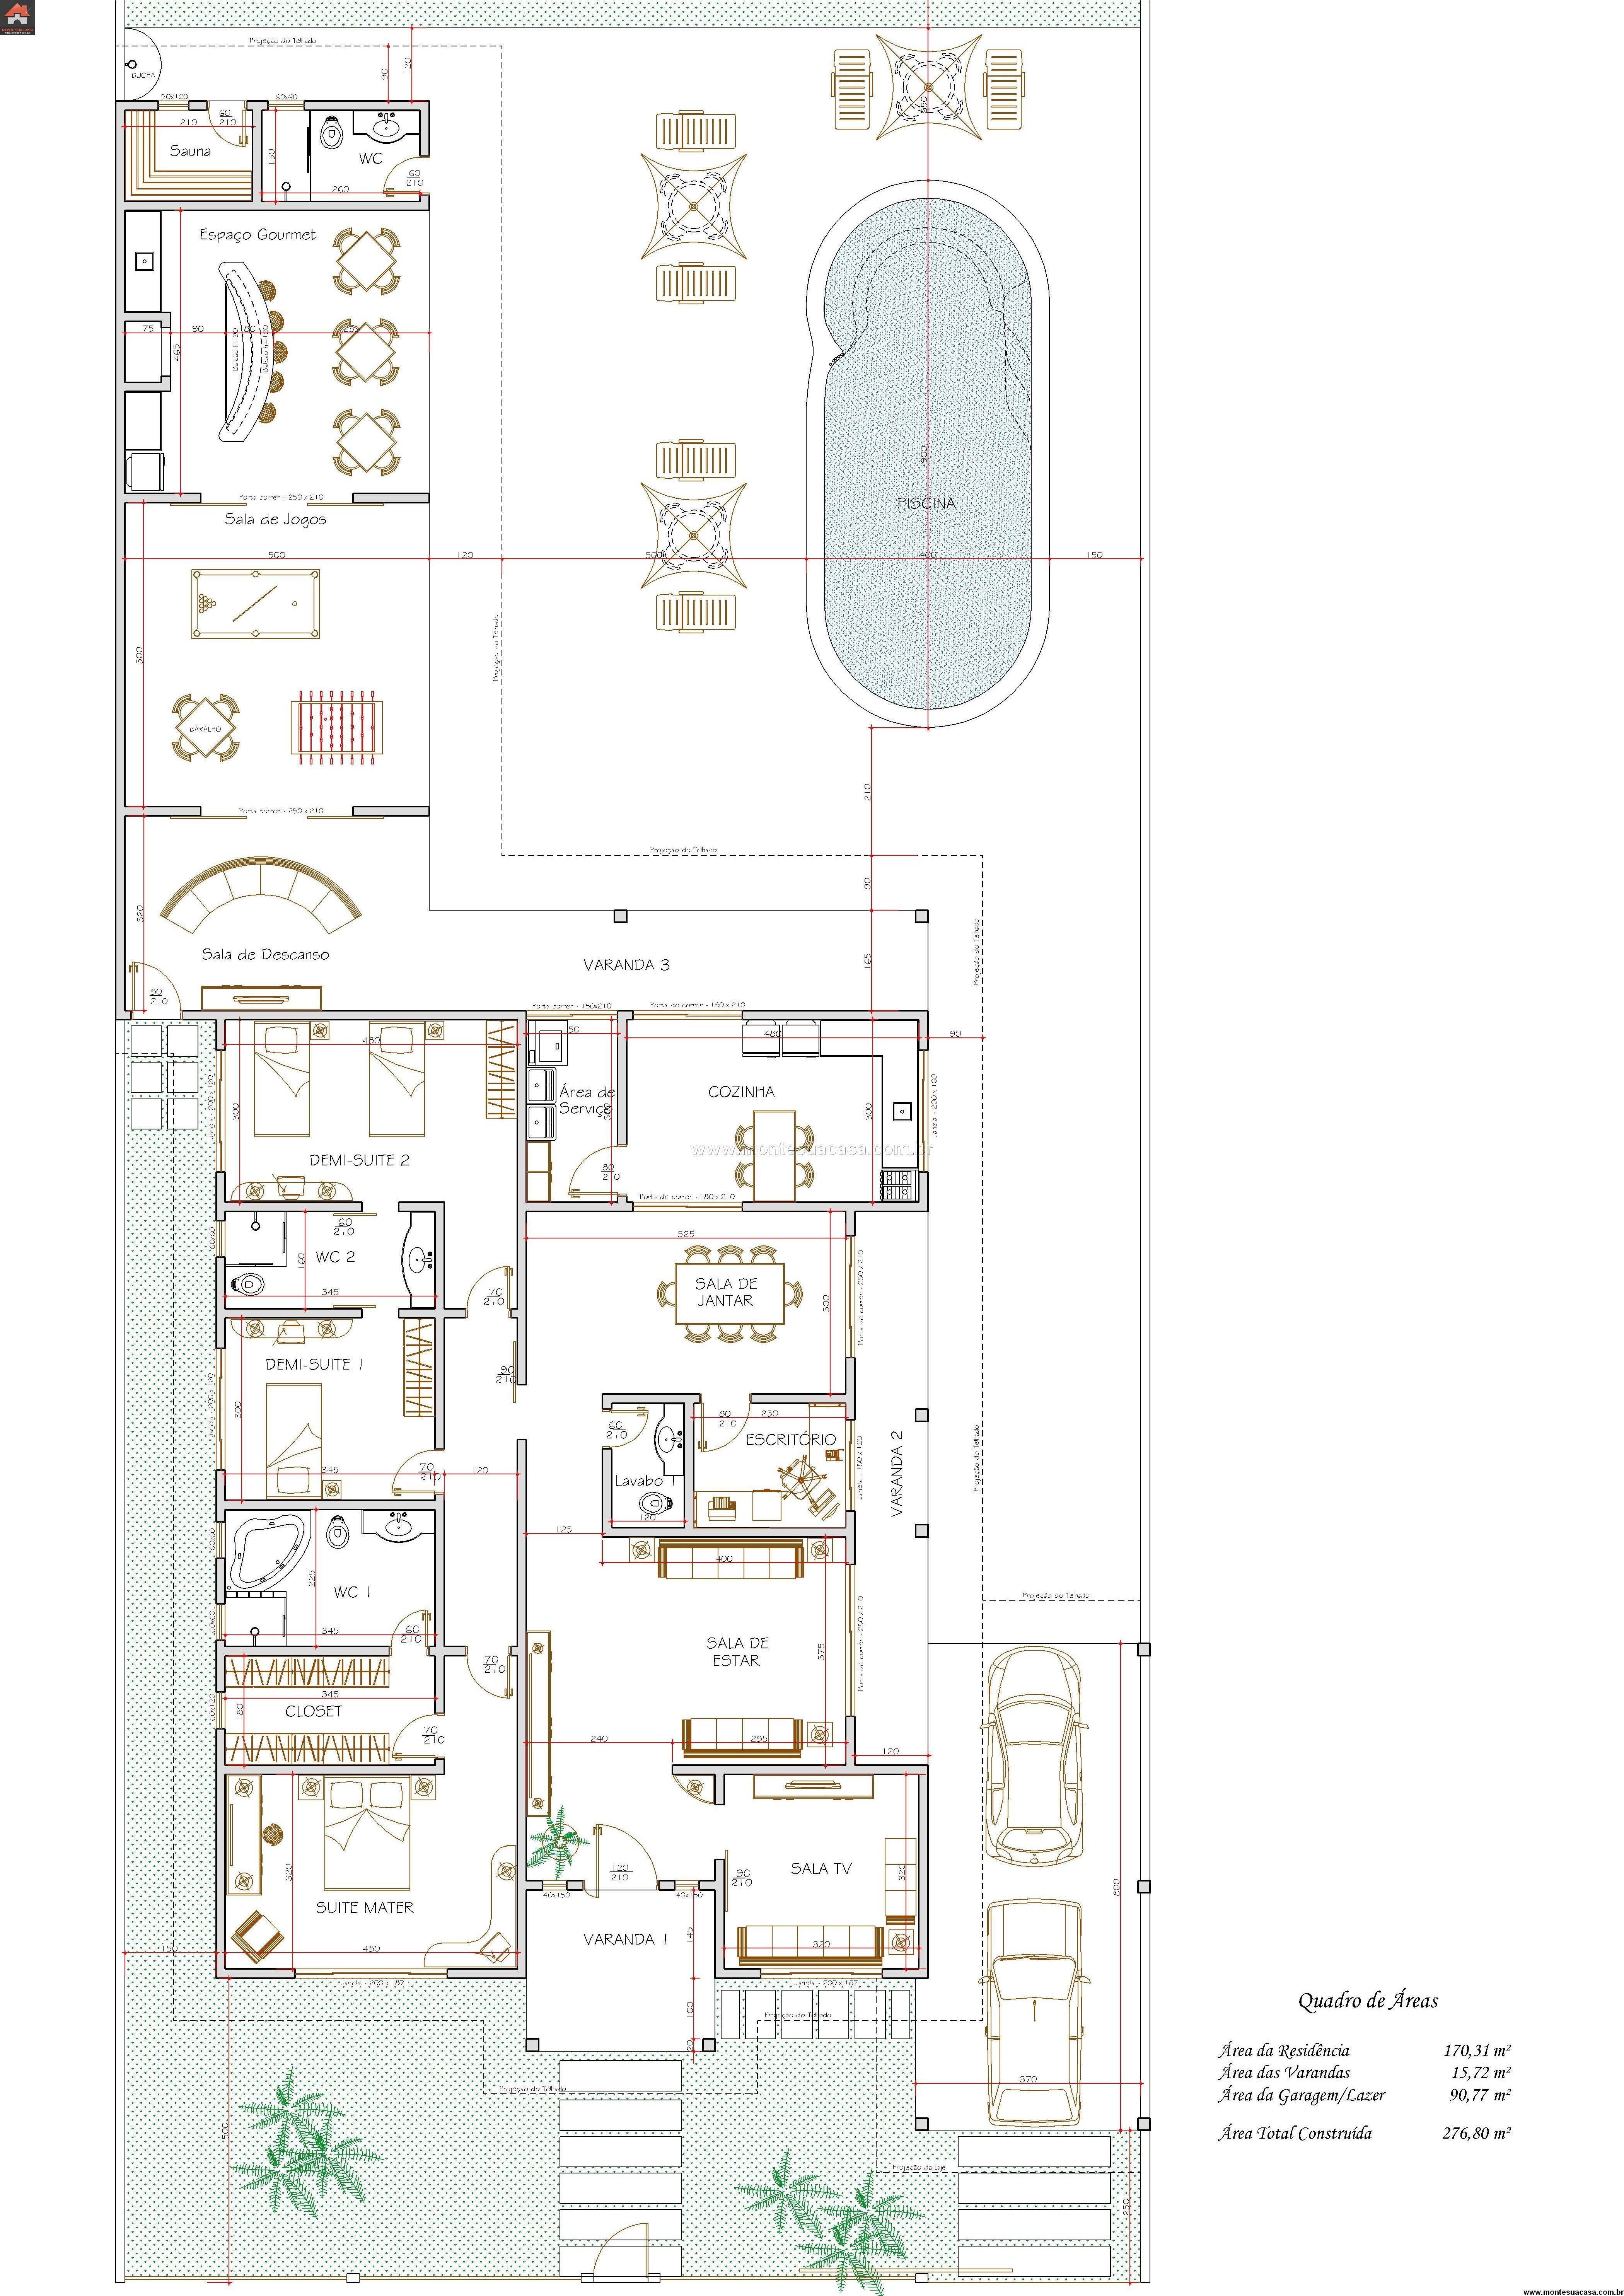 Casa 2 Quartos - 276.8m²